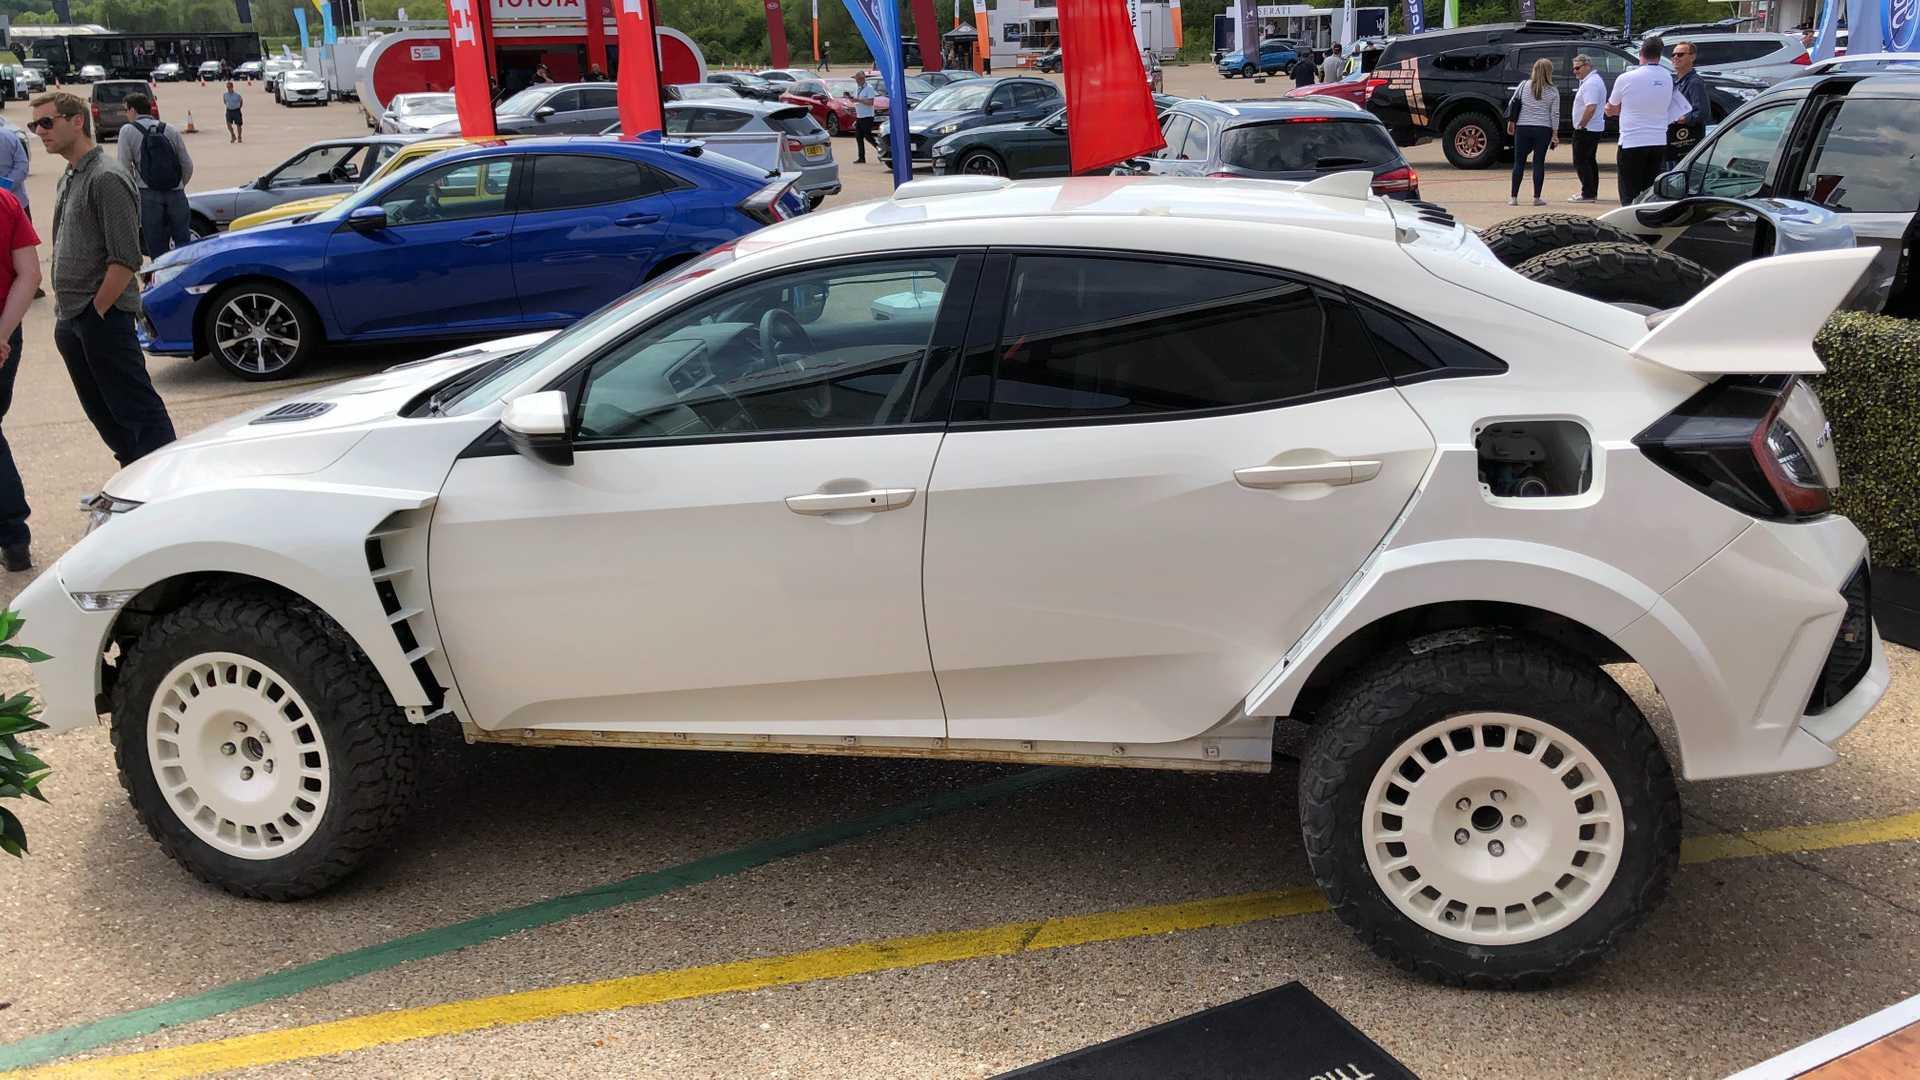 Хот-хэтч Honda Civic Type R 2019 превратили в эффектный кроссовер